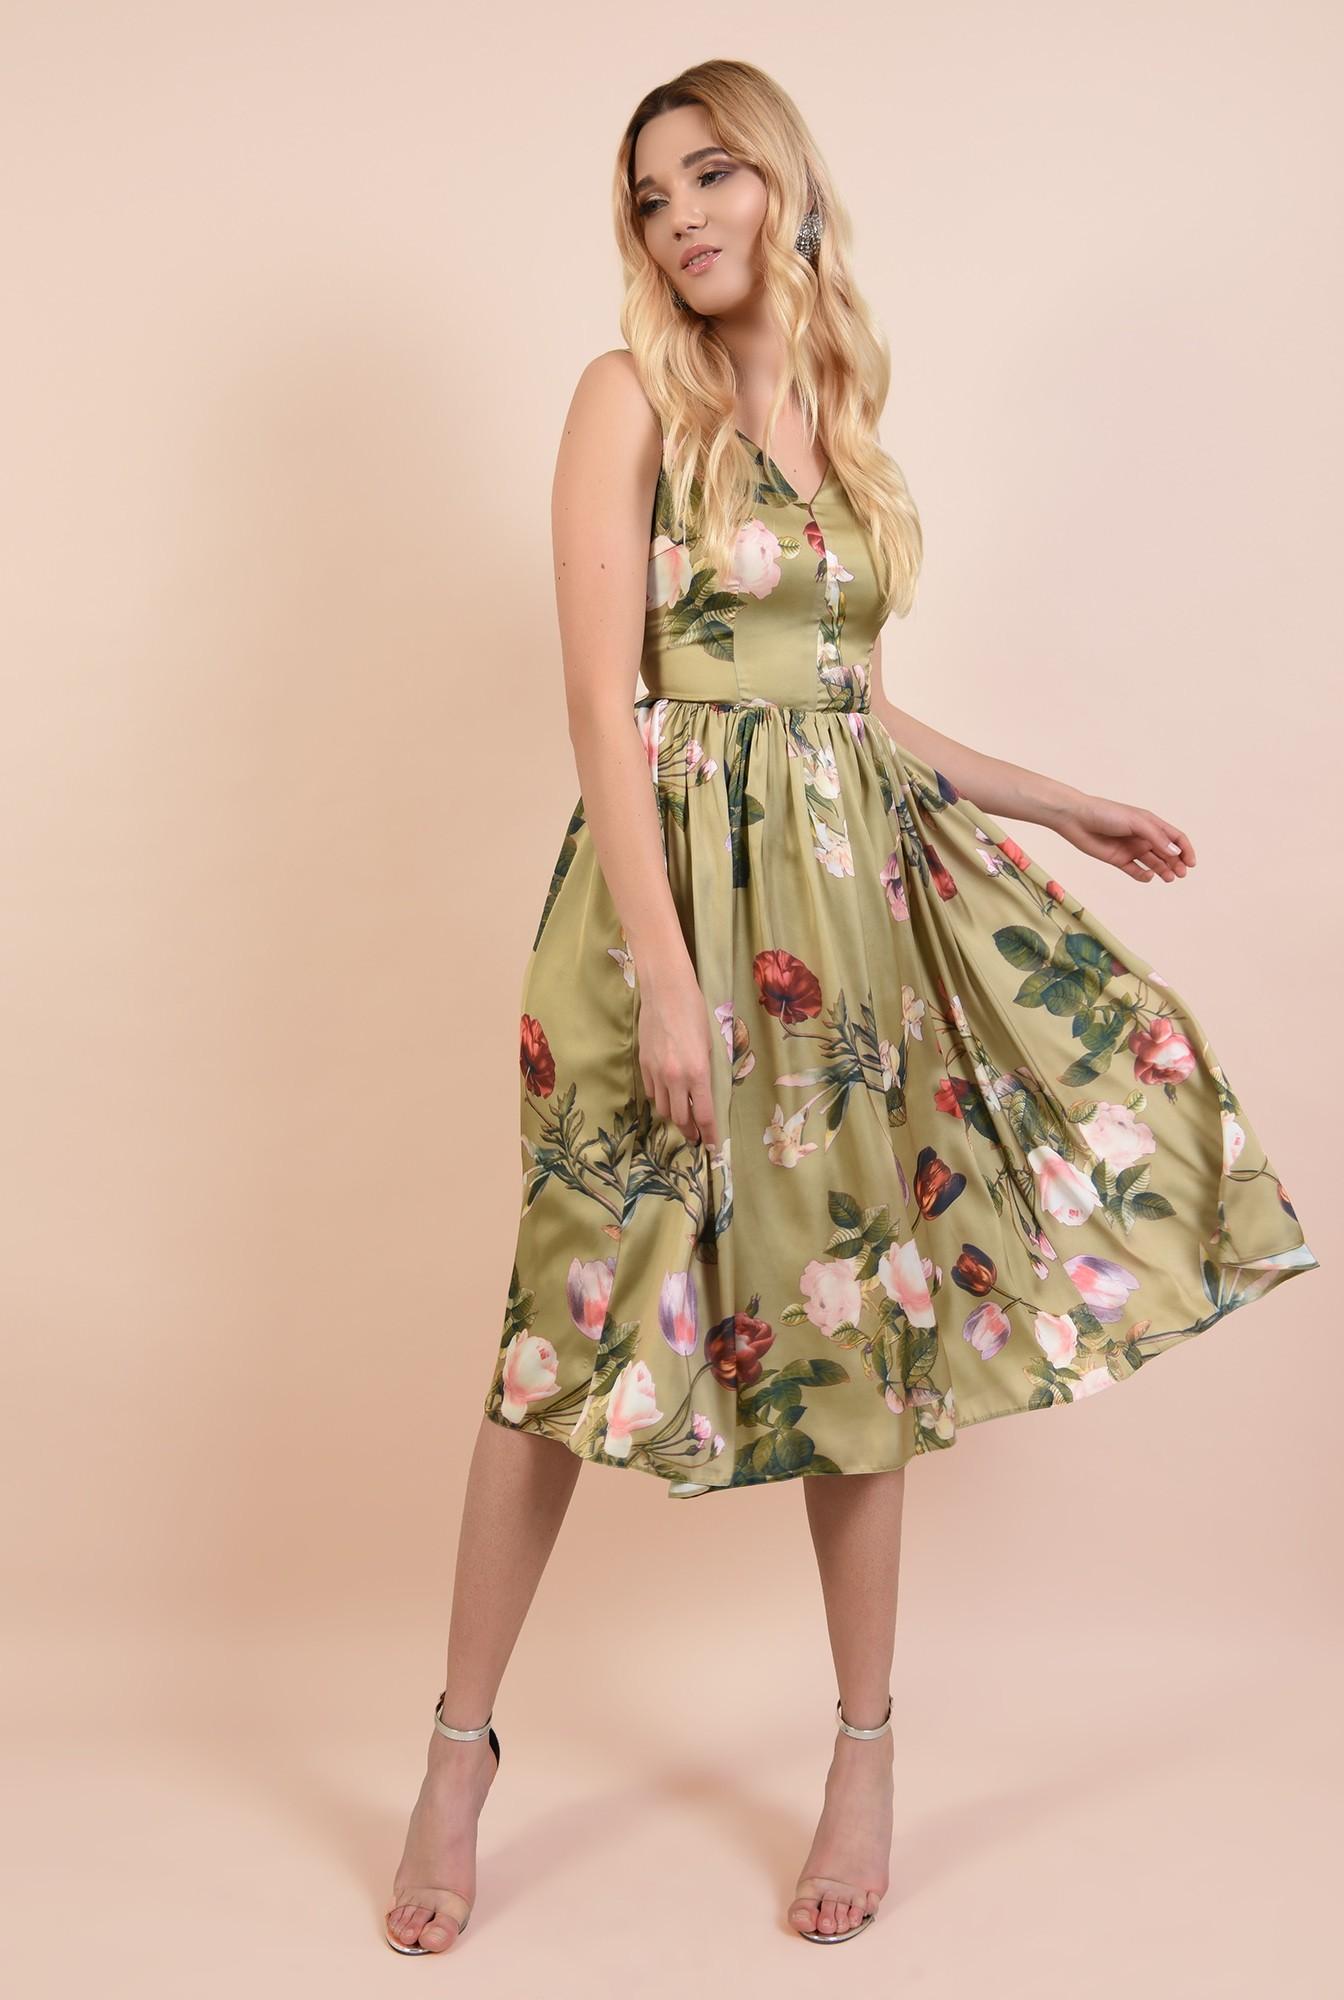 360 - rochie eleganta, midi, cu imprimeu floral, anchior fata si spate, Poema